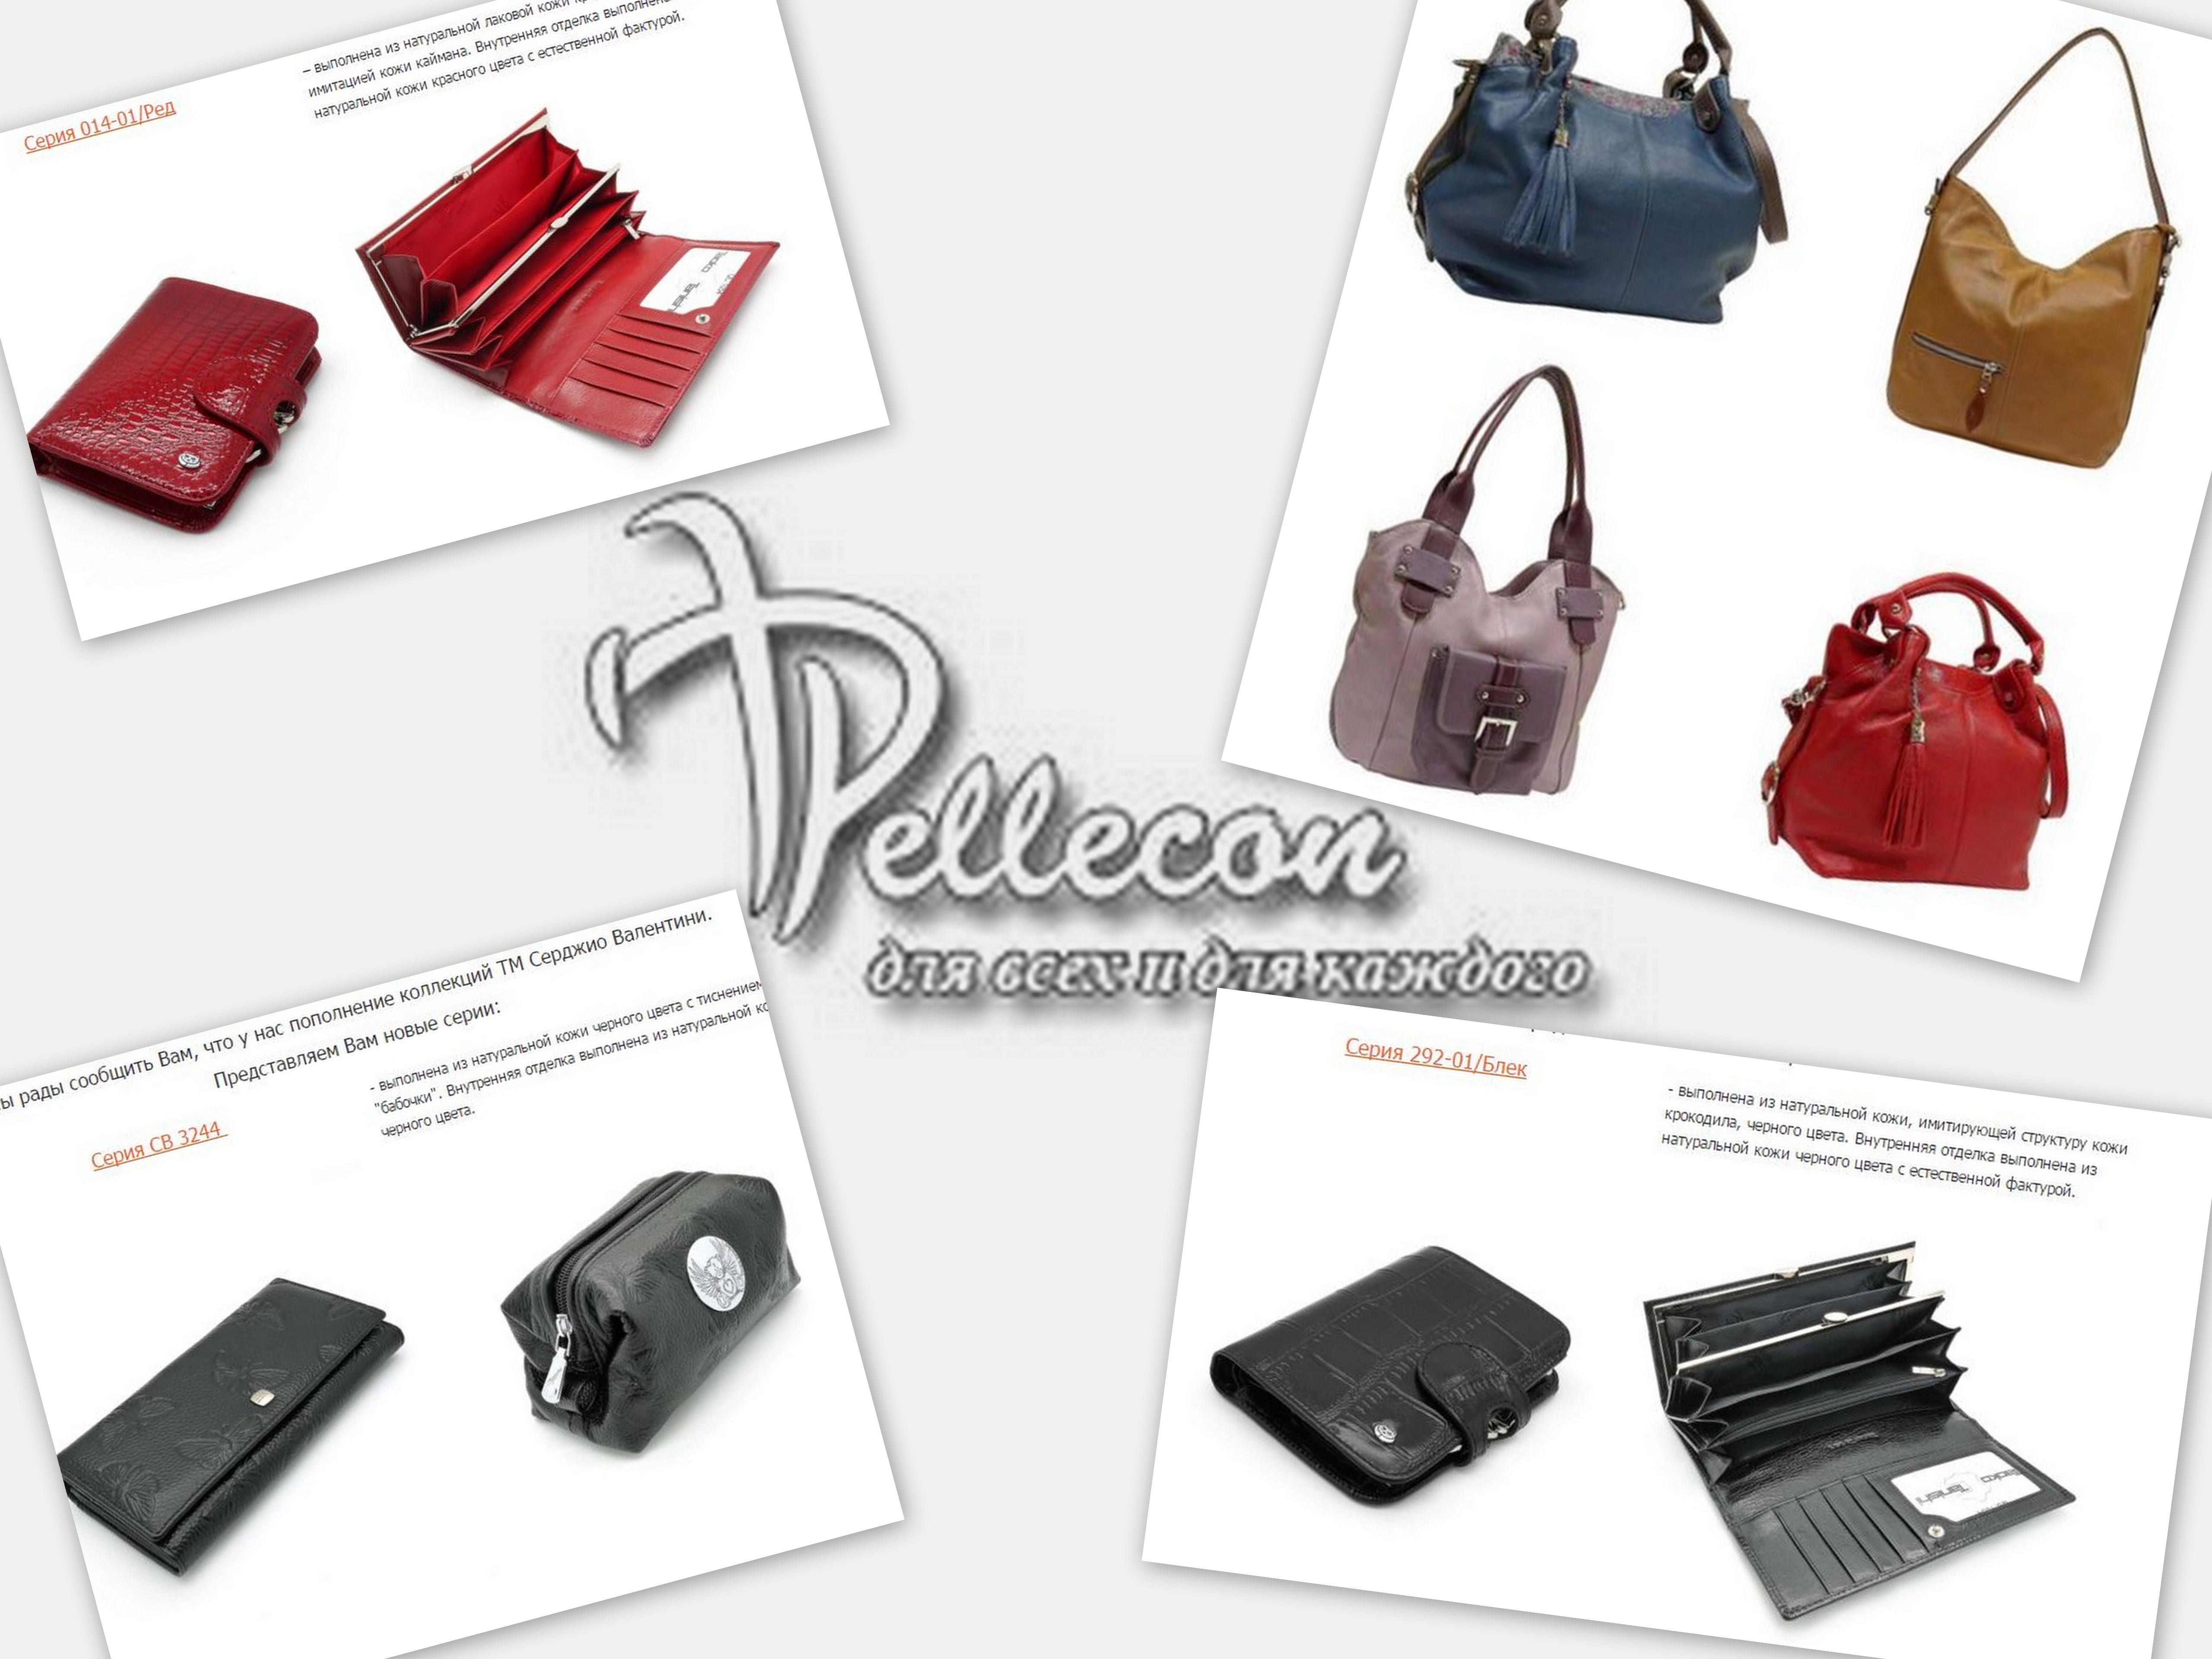 Сбор заказов. Кожгалантерея Пеллекон-38.Кошельки, визитницы, обложки, клатчи, сумки, ремни. только лучшие бренды